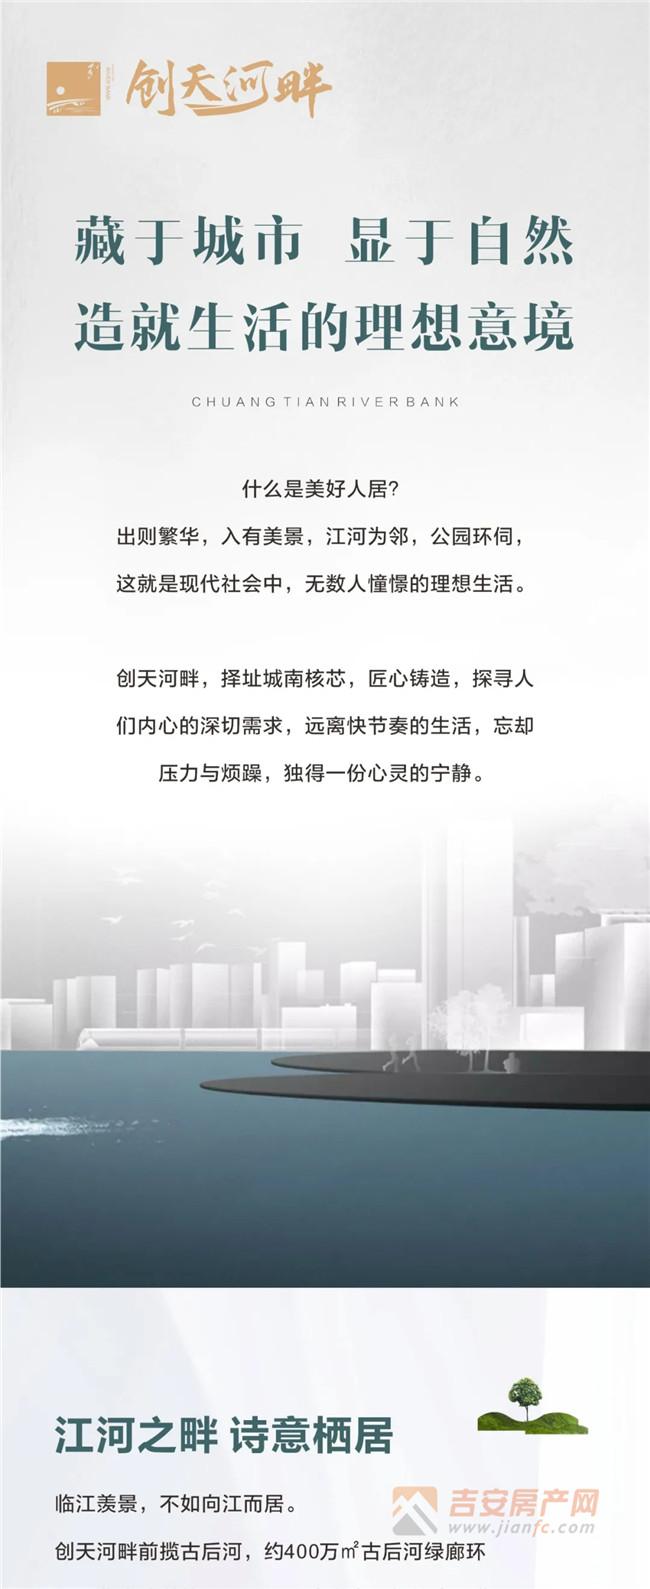 创天河畔楼盘宣传-吉安房产网